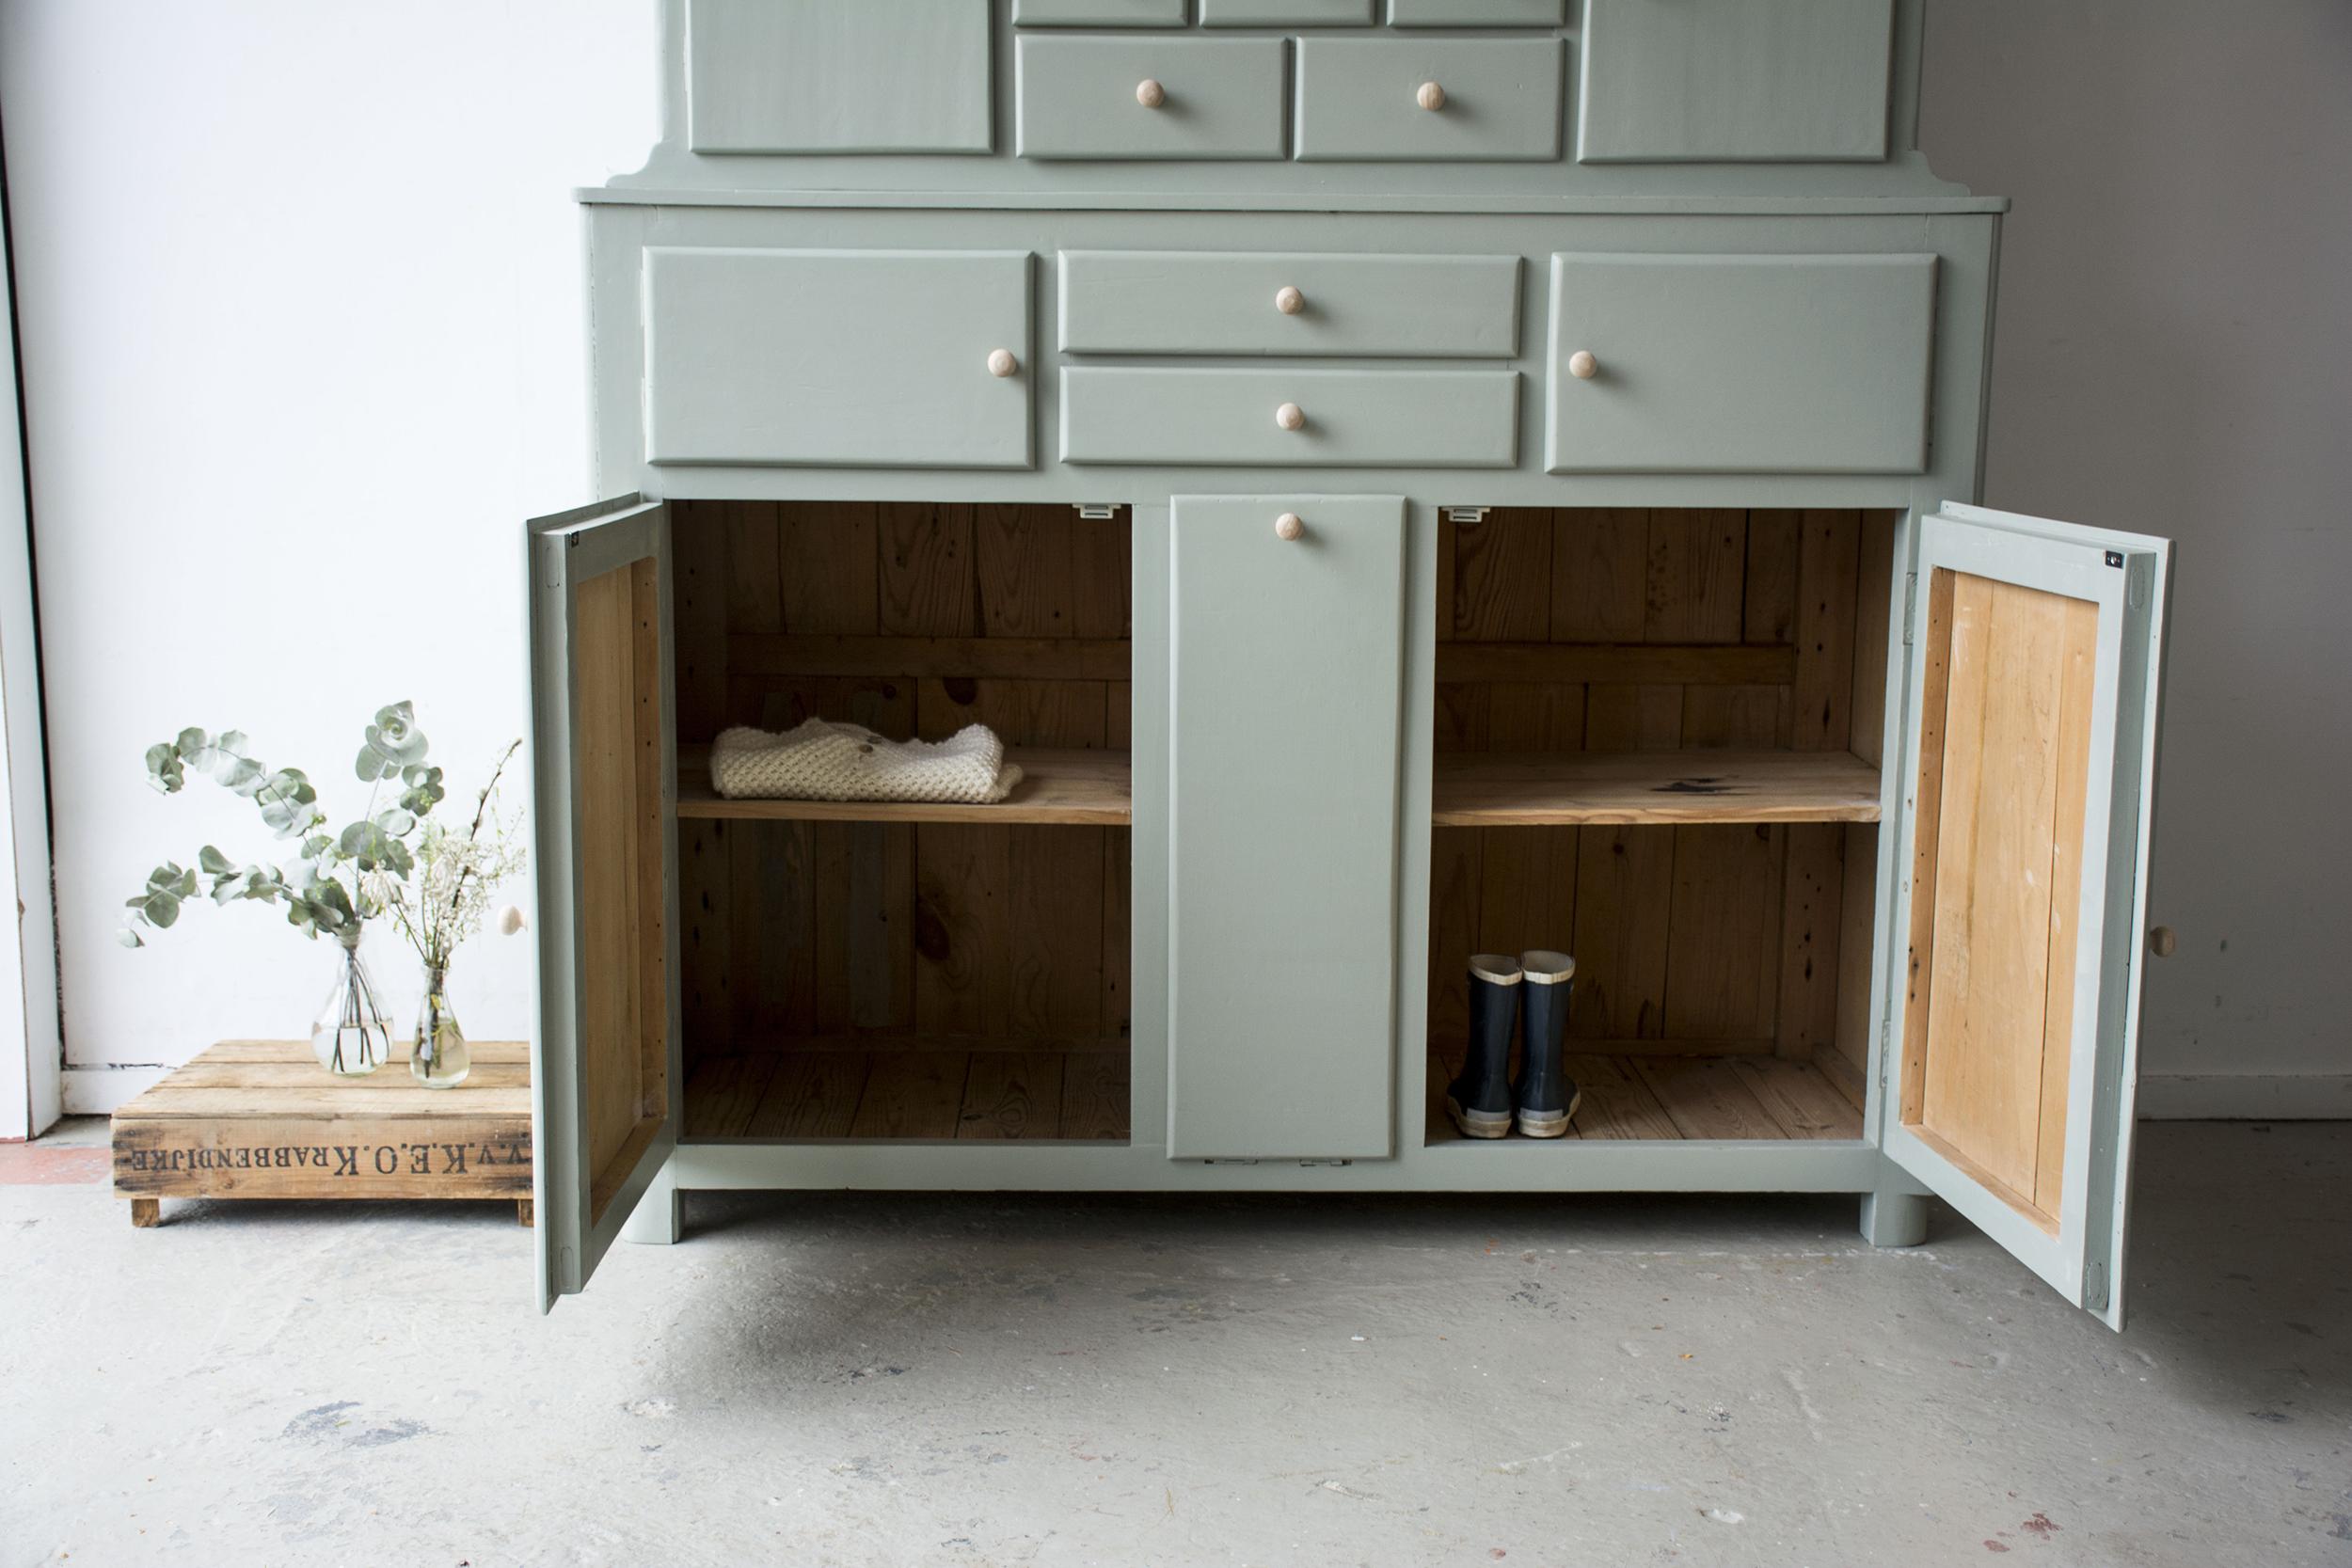 _Grijsgroene driedelige keukenkast - Firma zoethout_5.jpg